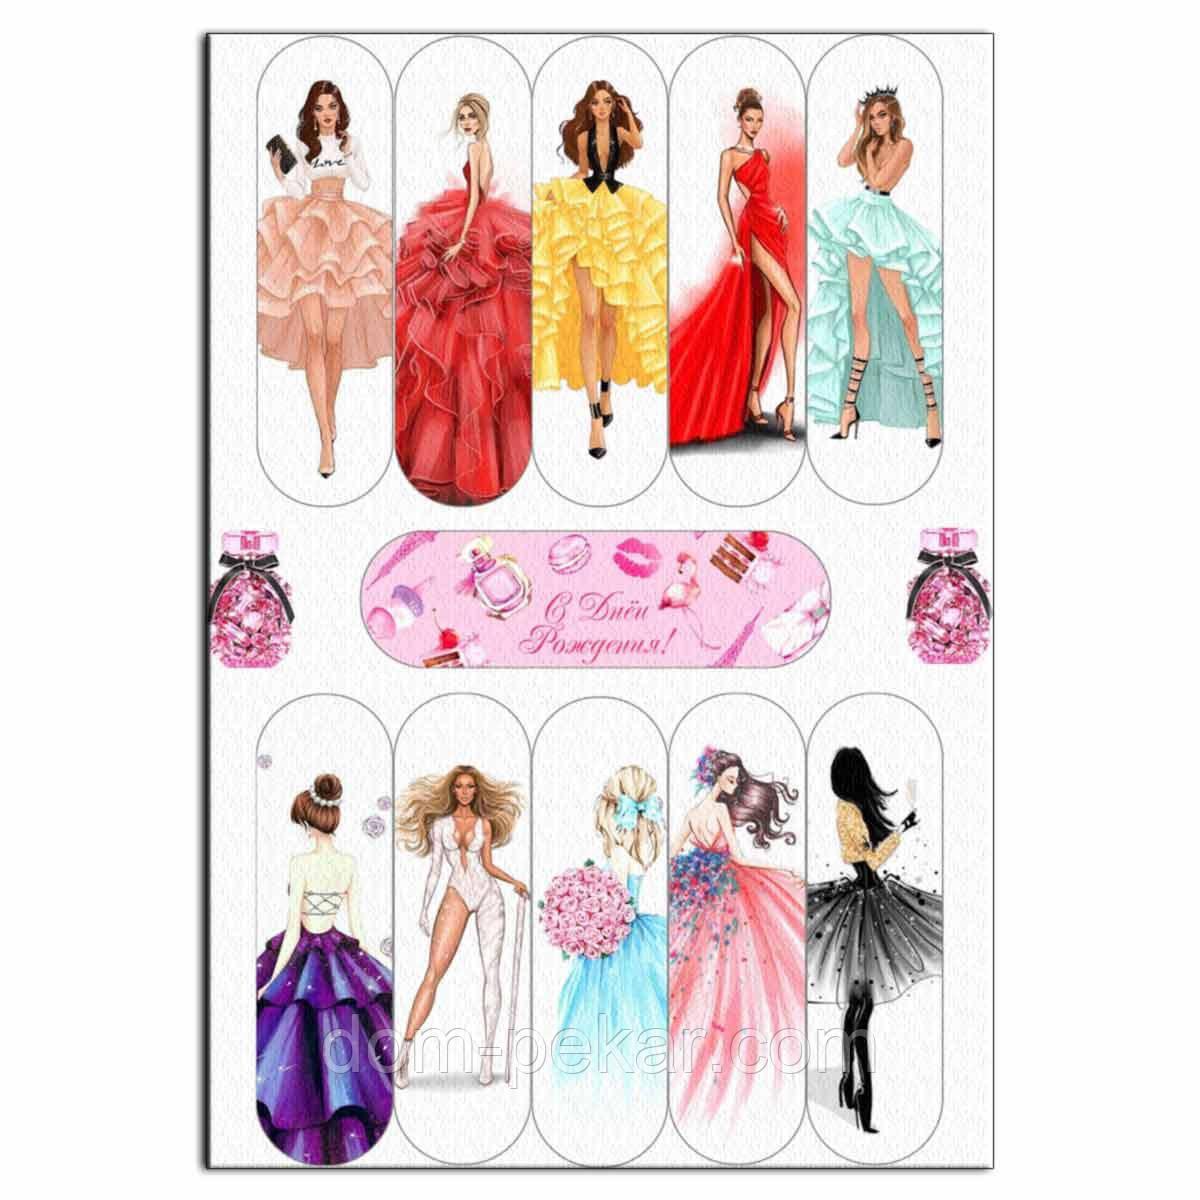 Fashion Девушки 12*3,5 см вафельная картинка для эклеров